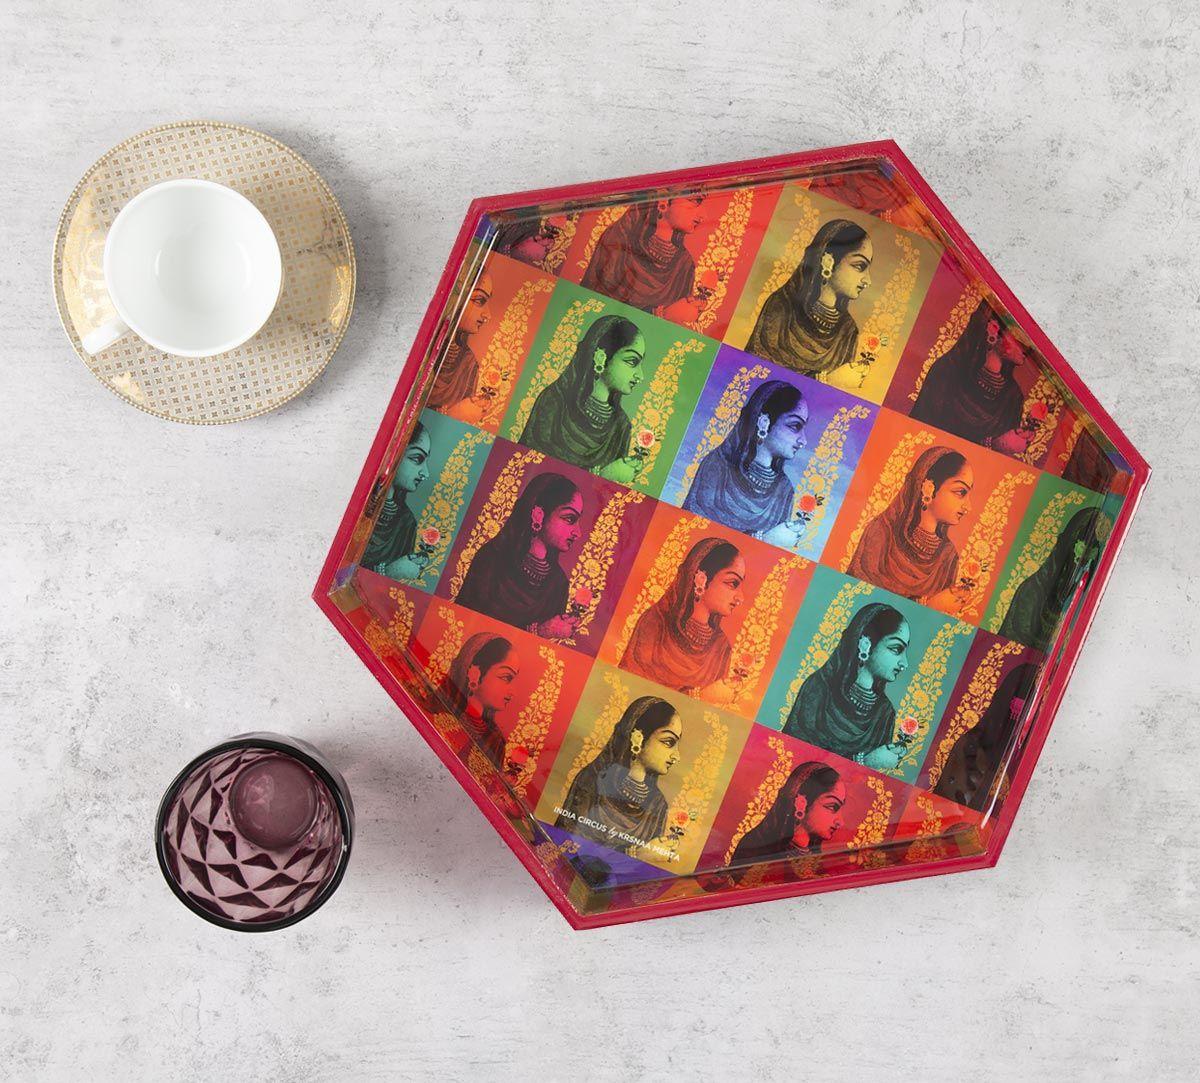 India Circus Tinted Queen Hexagon Serving Tray